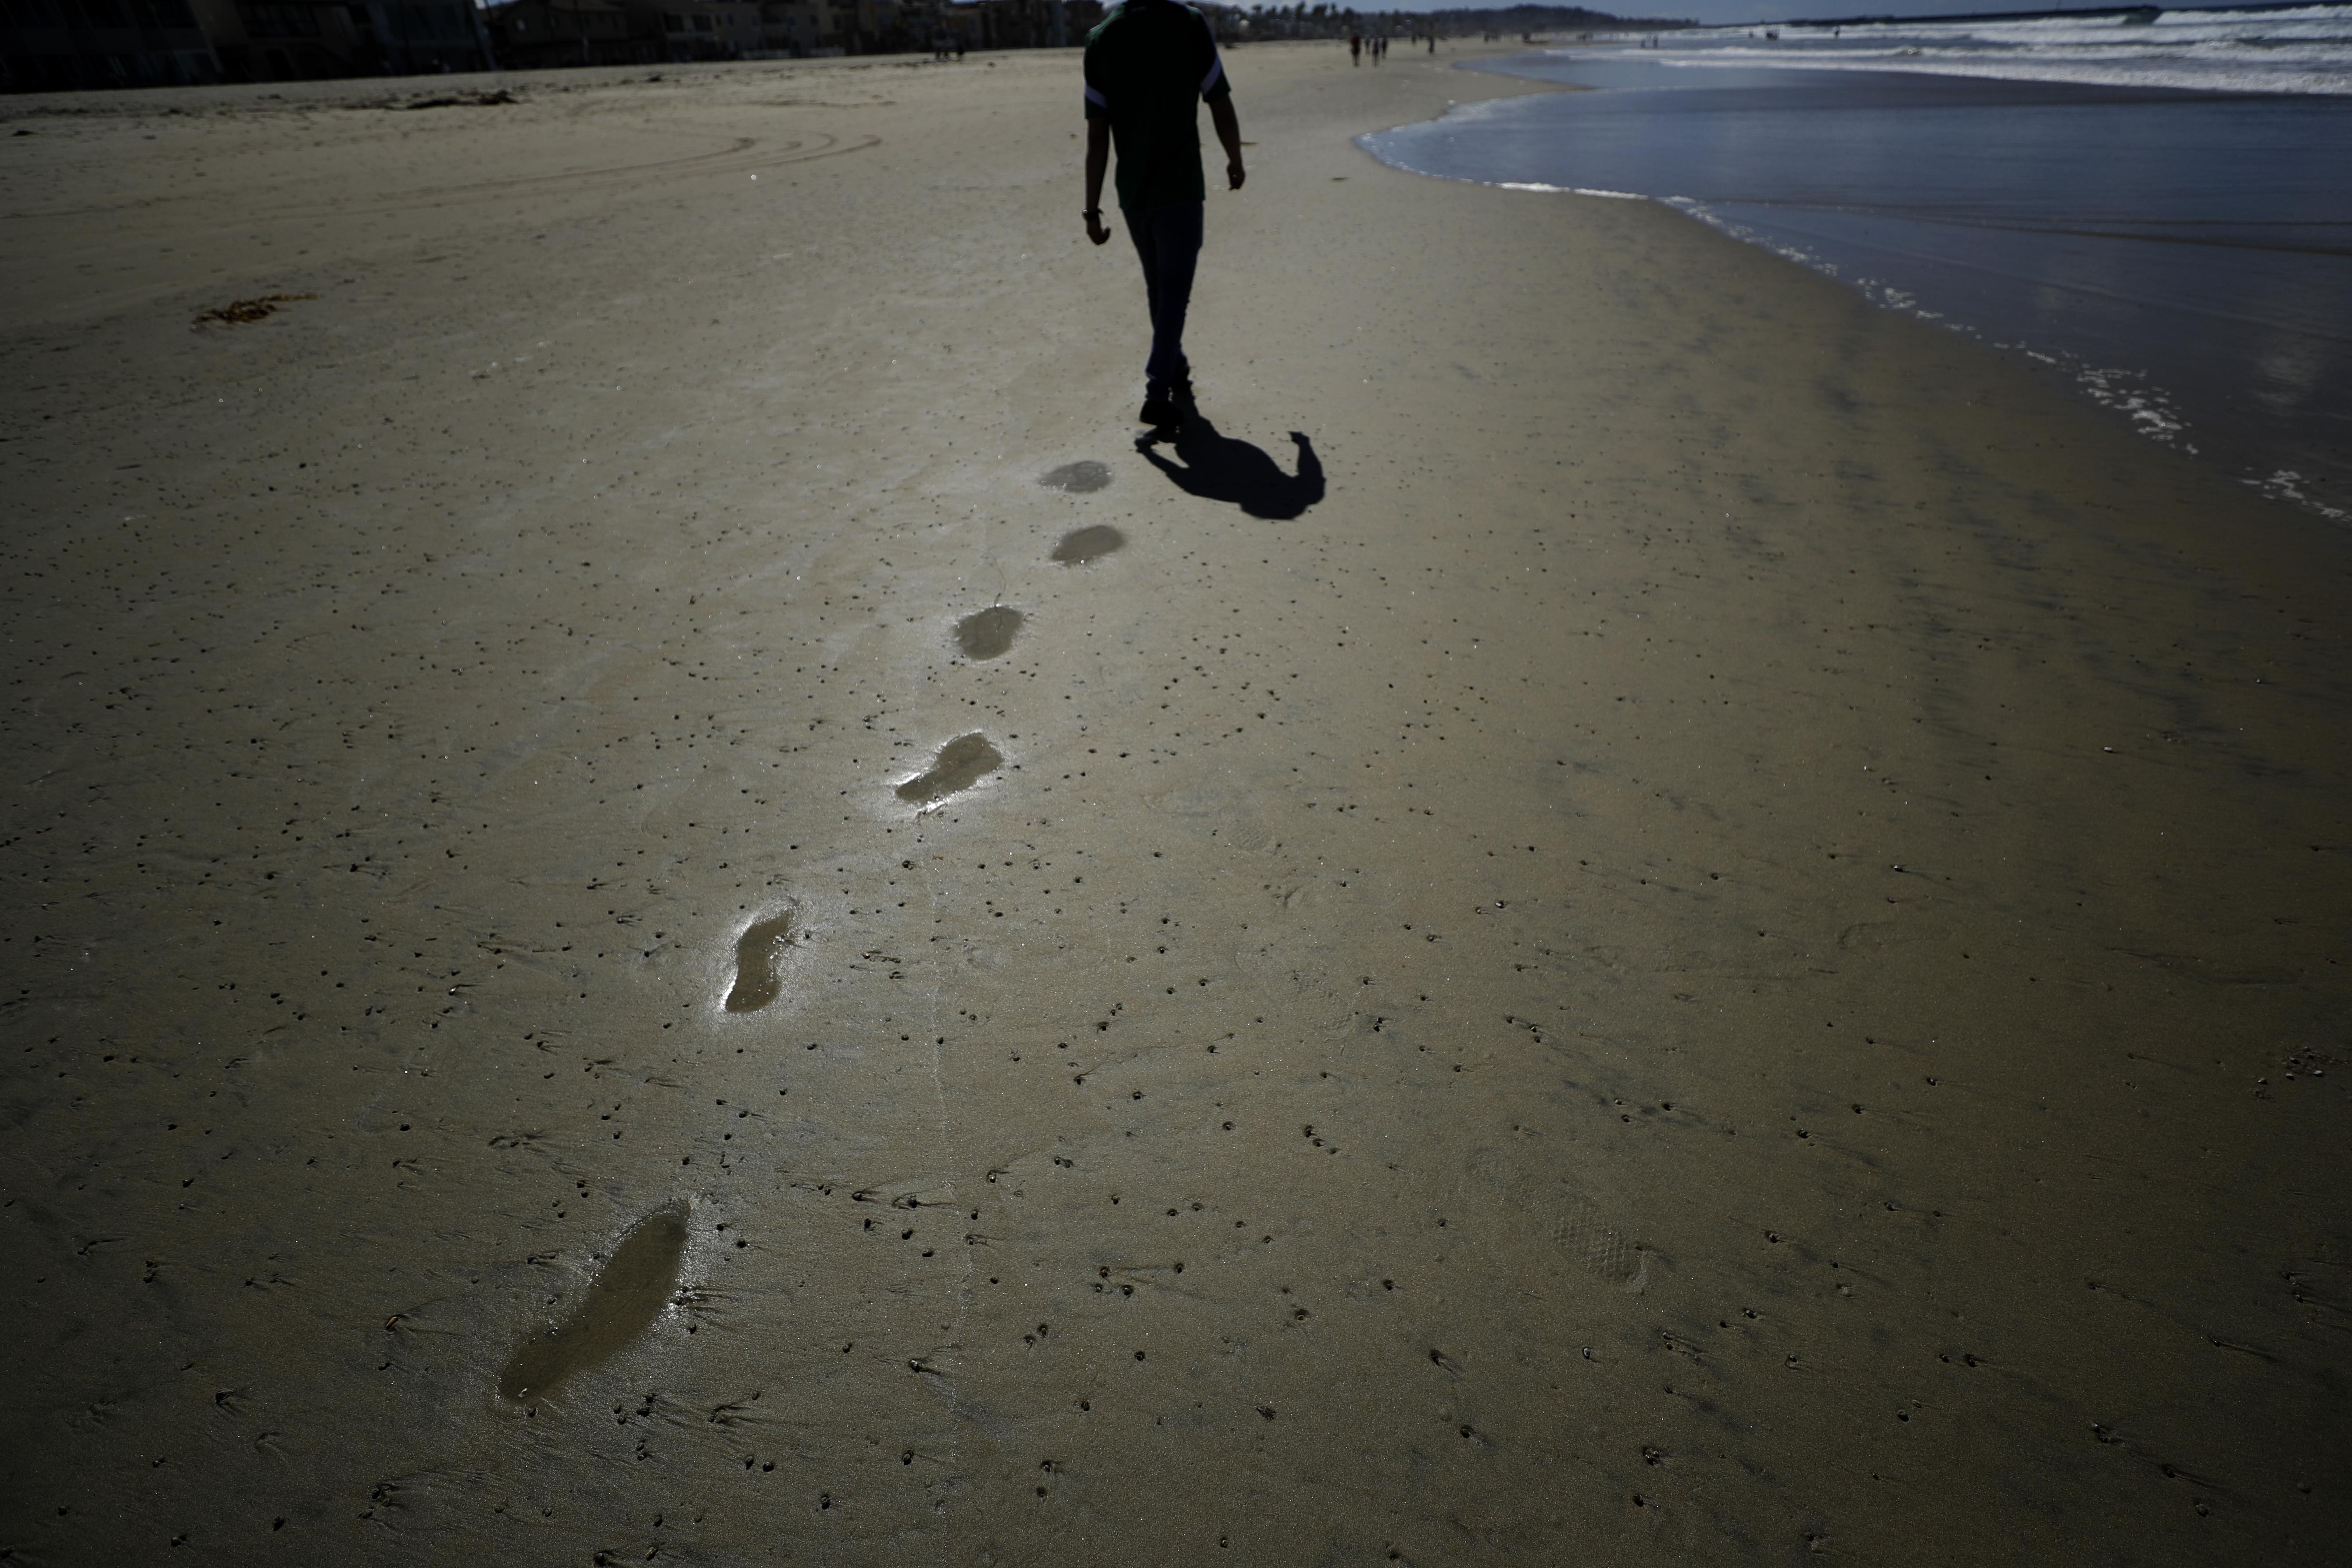 El panorama es distinto en California, aunque con otras temperaturas. Un hombre camina por una playa vacía en San Diego (AP Photo/Gregory Bull)